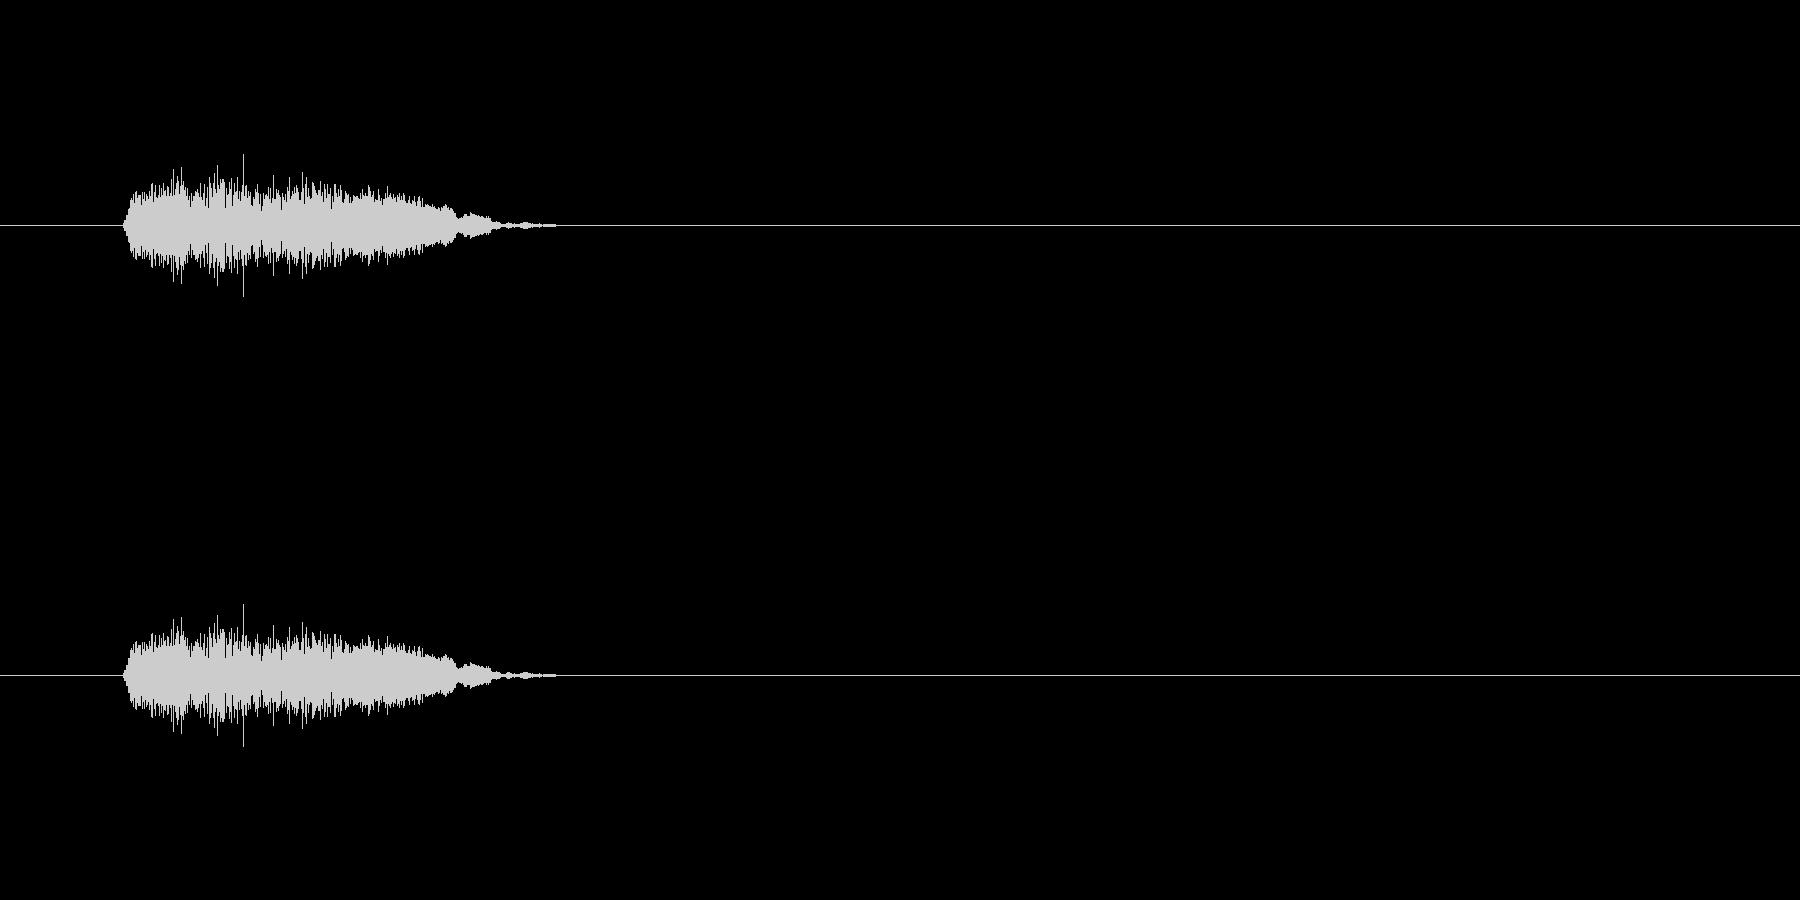 【ポップモーション43-1】の未再生の波形